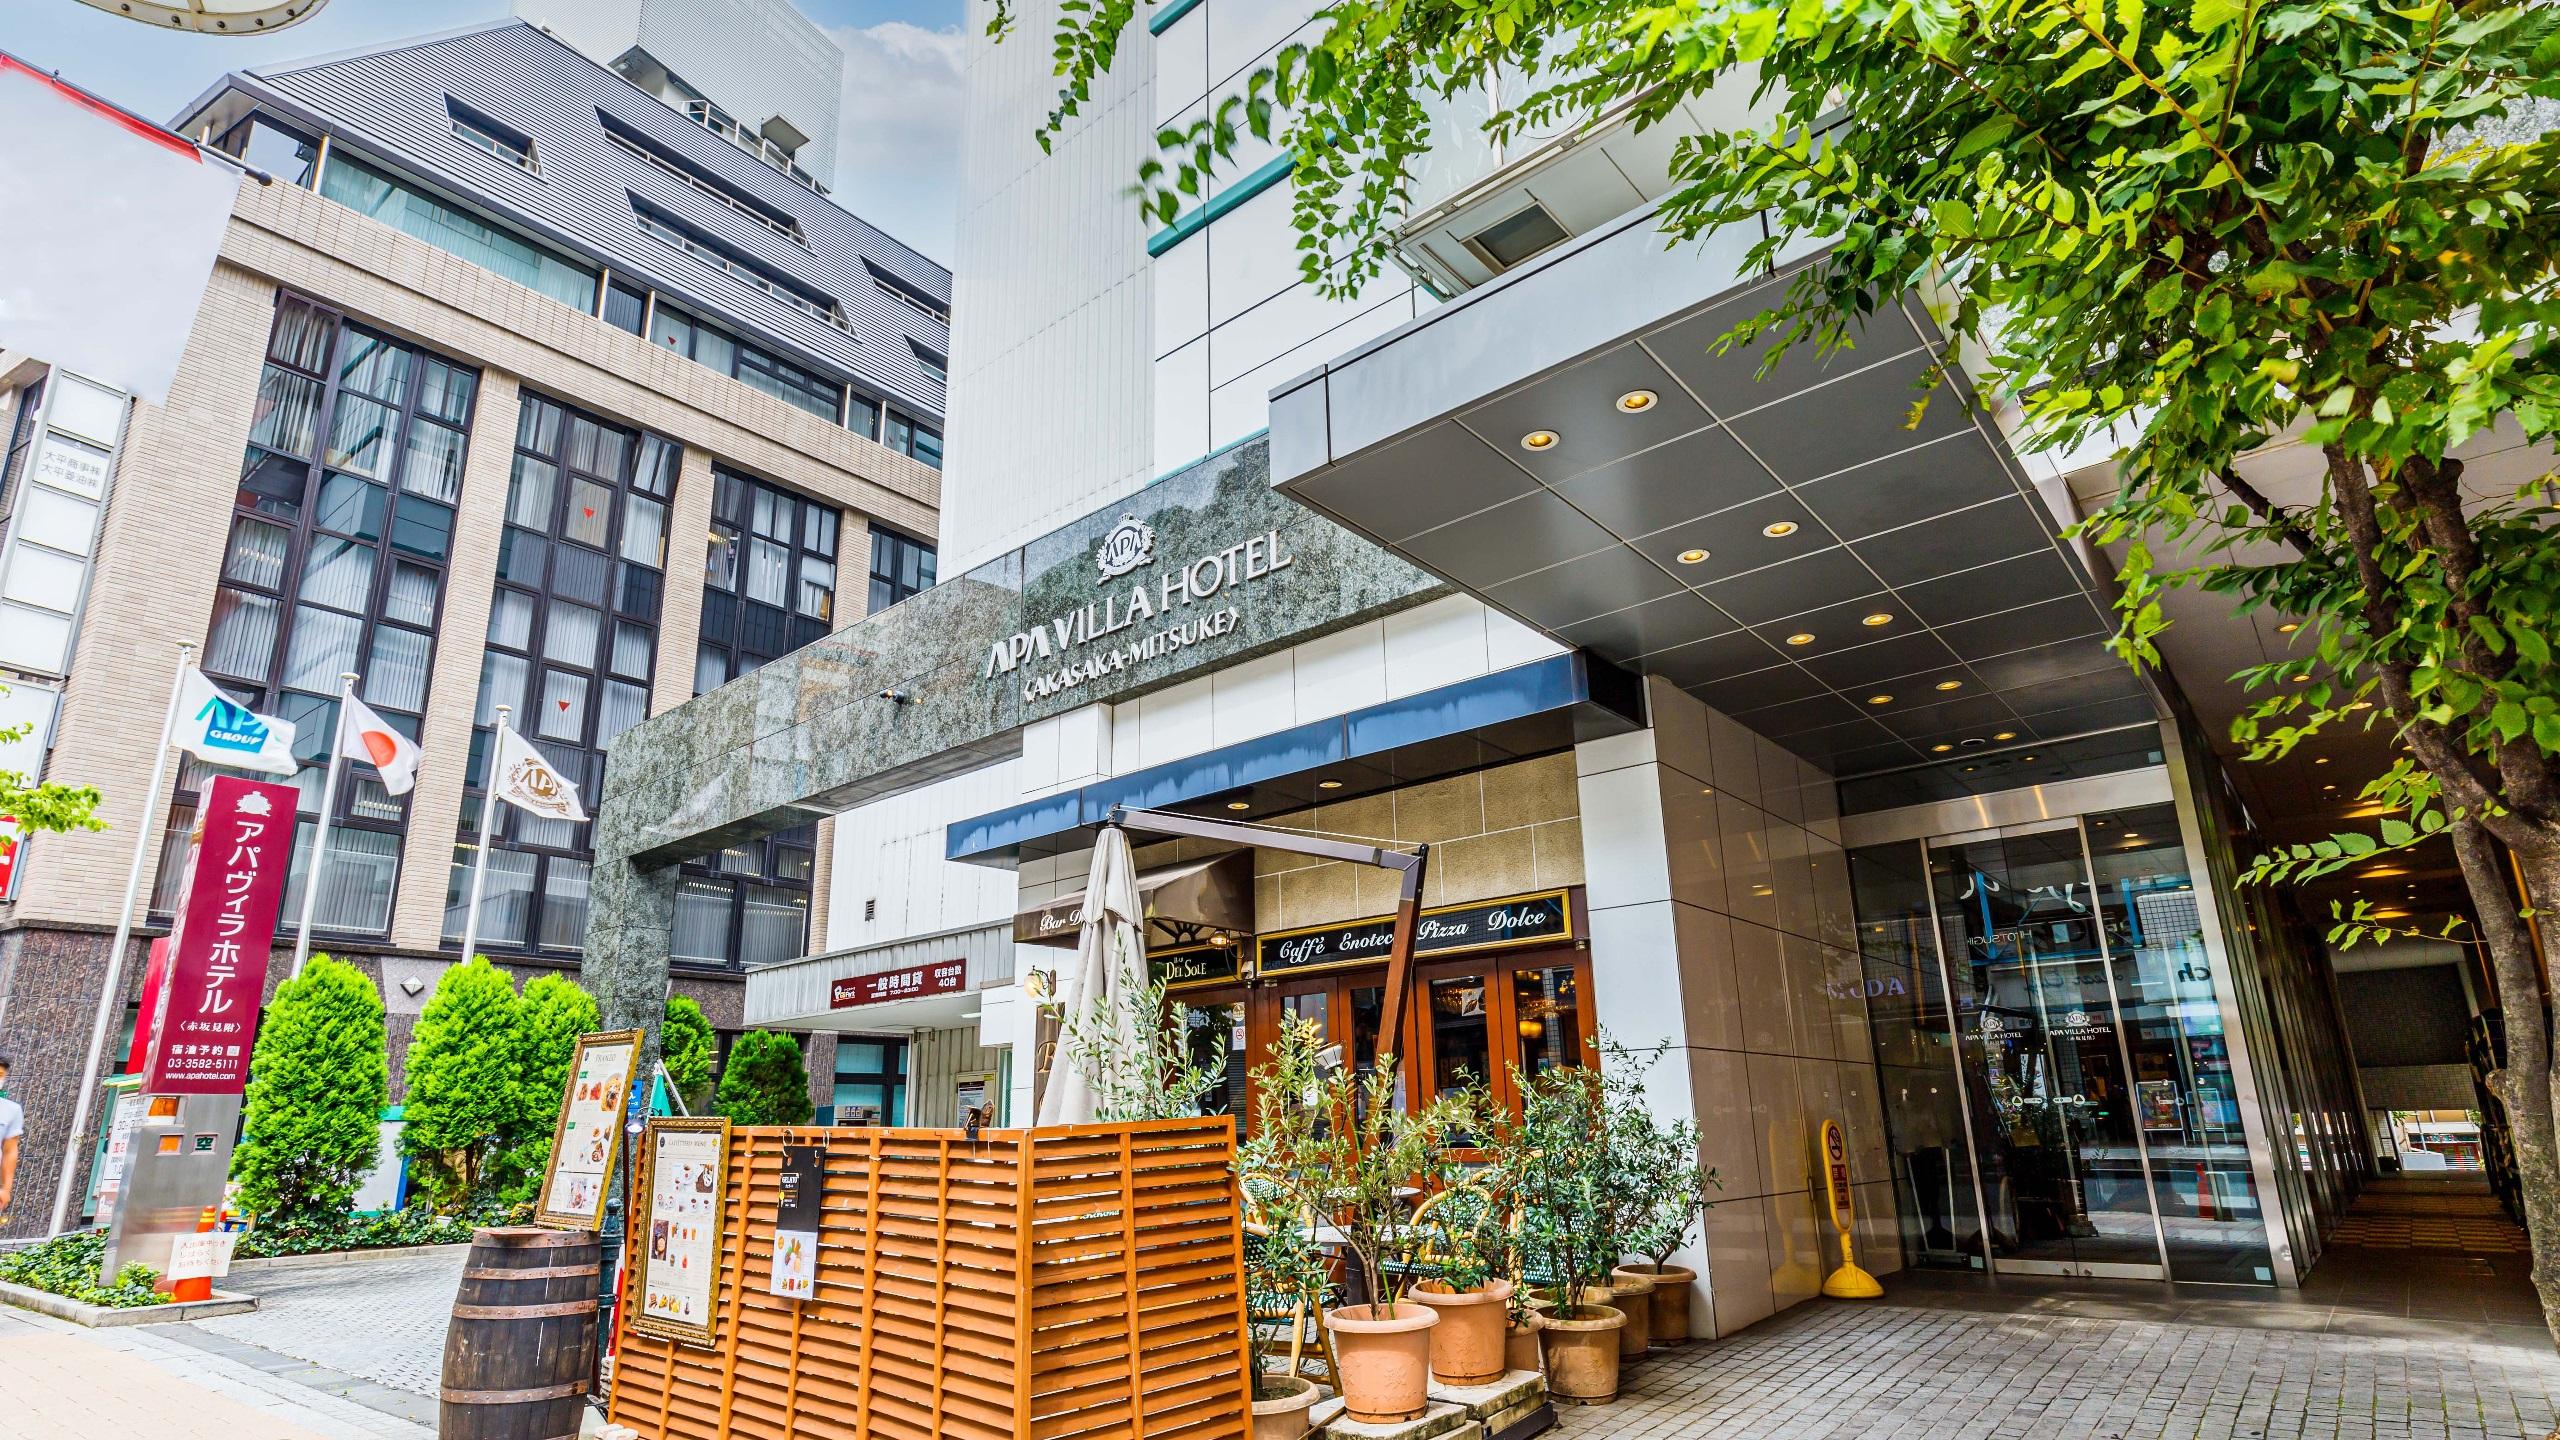 アパヴィラホテル 赤坂見附◆楽天トラベル